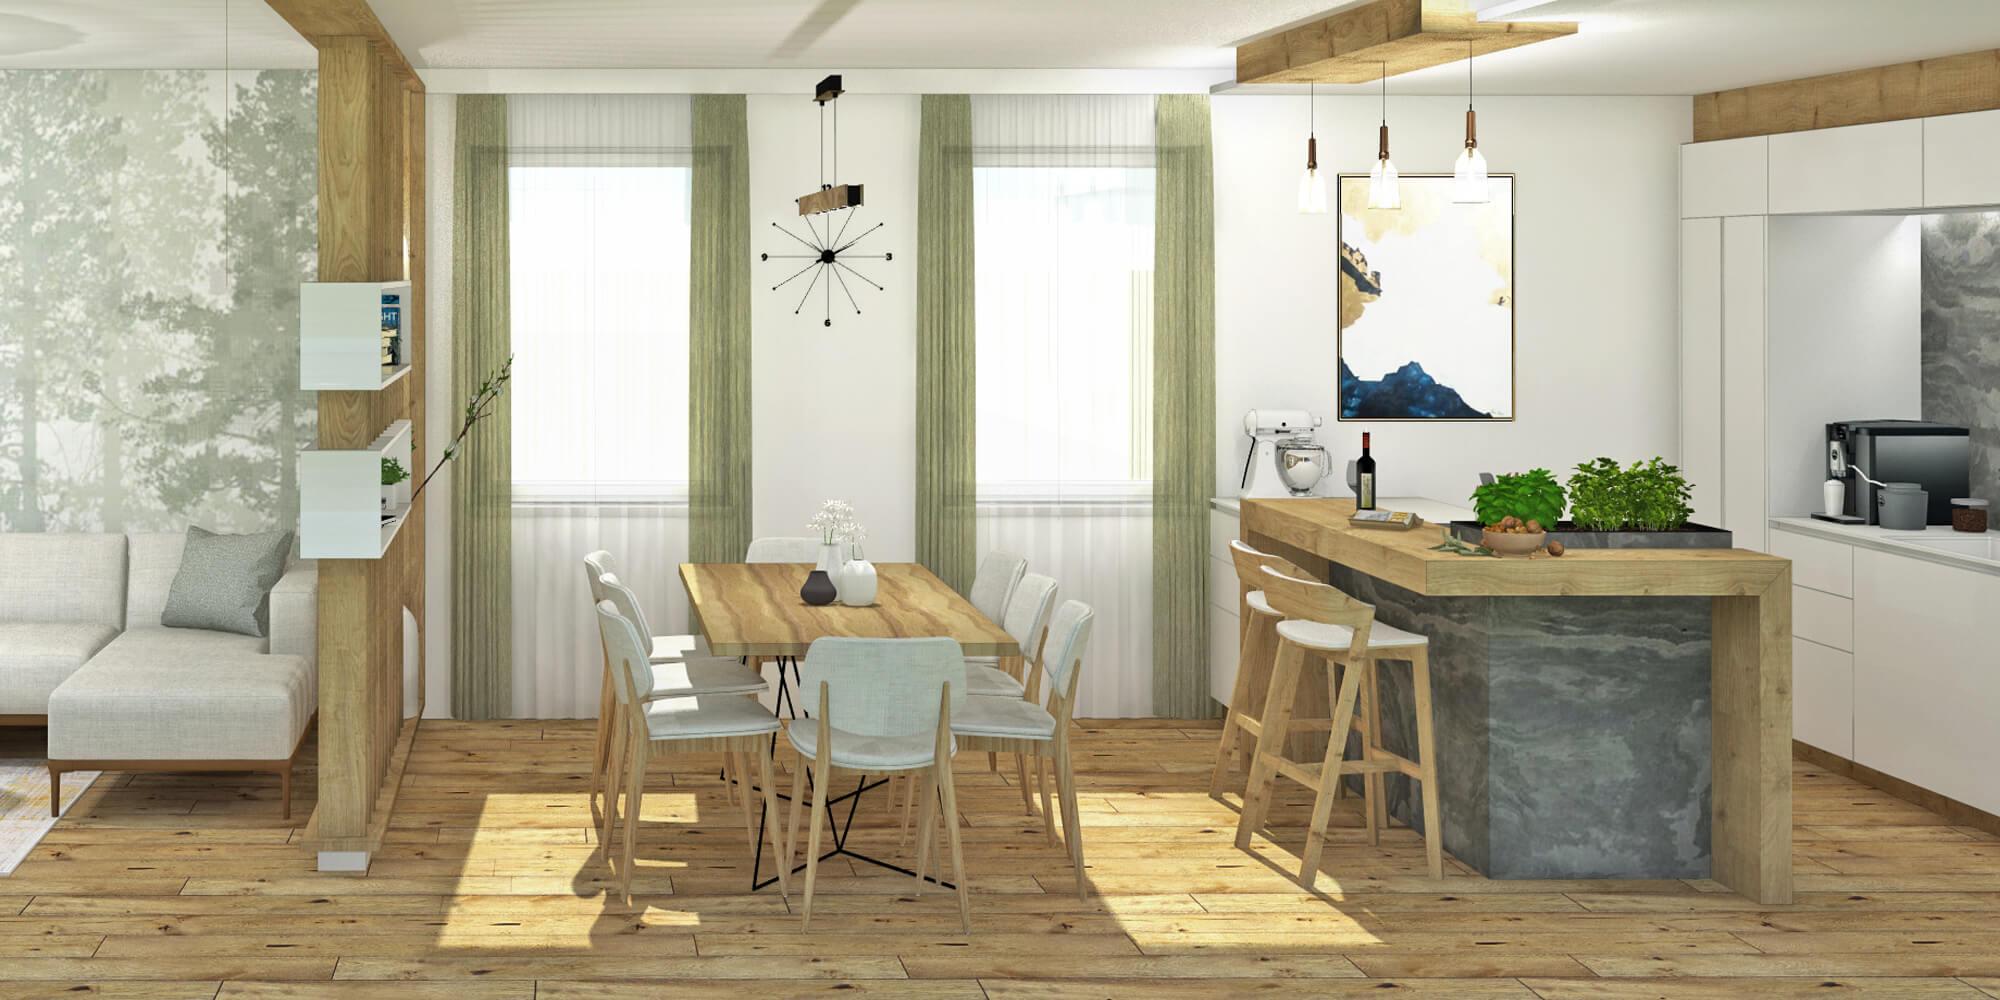 Cre-Plan-Design-Rauch-Frühmann-Architektur-Innenarchitektur-Design-Projekt-Referenz-Innenarchitektur-Möbeldesign-Einrichtung-Kochen-Essen-4